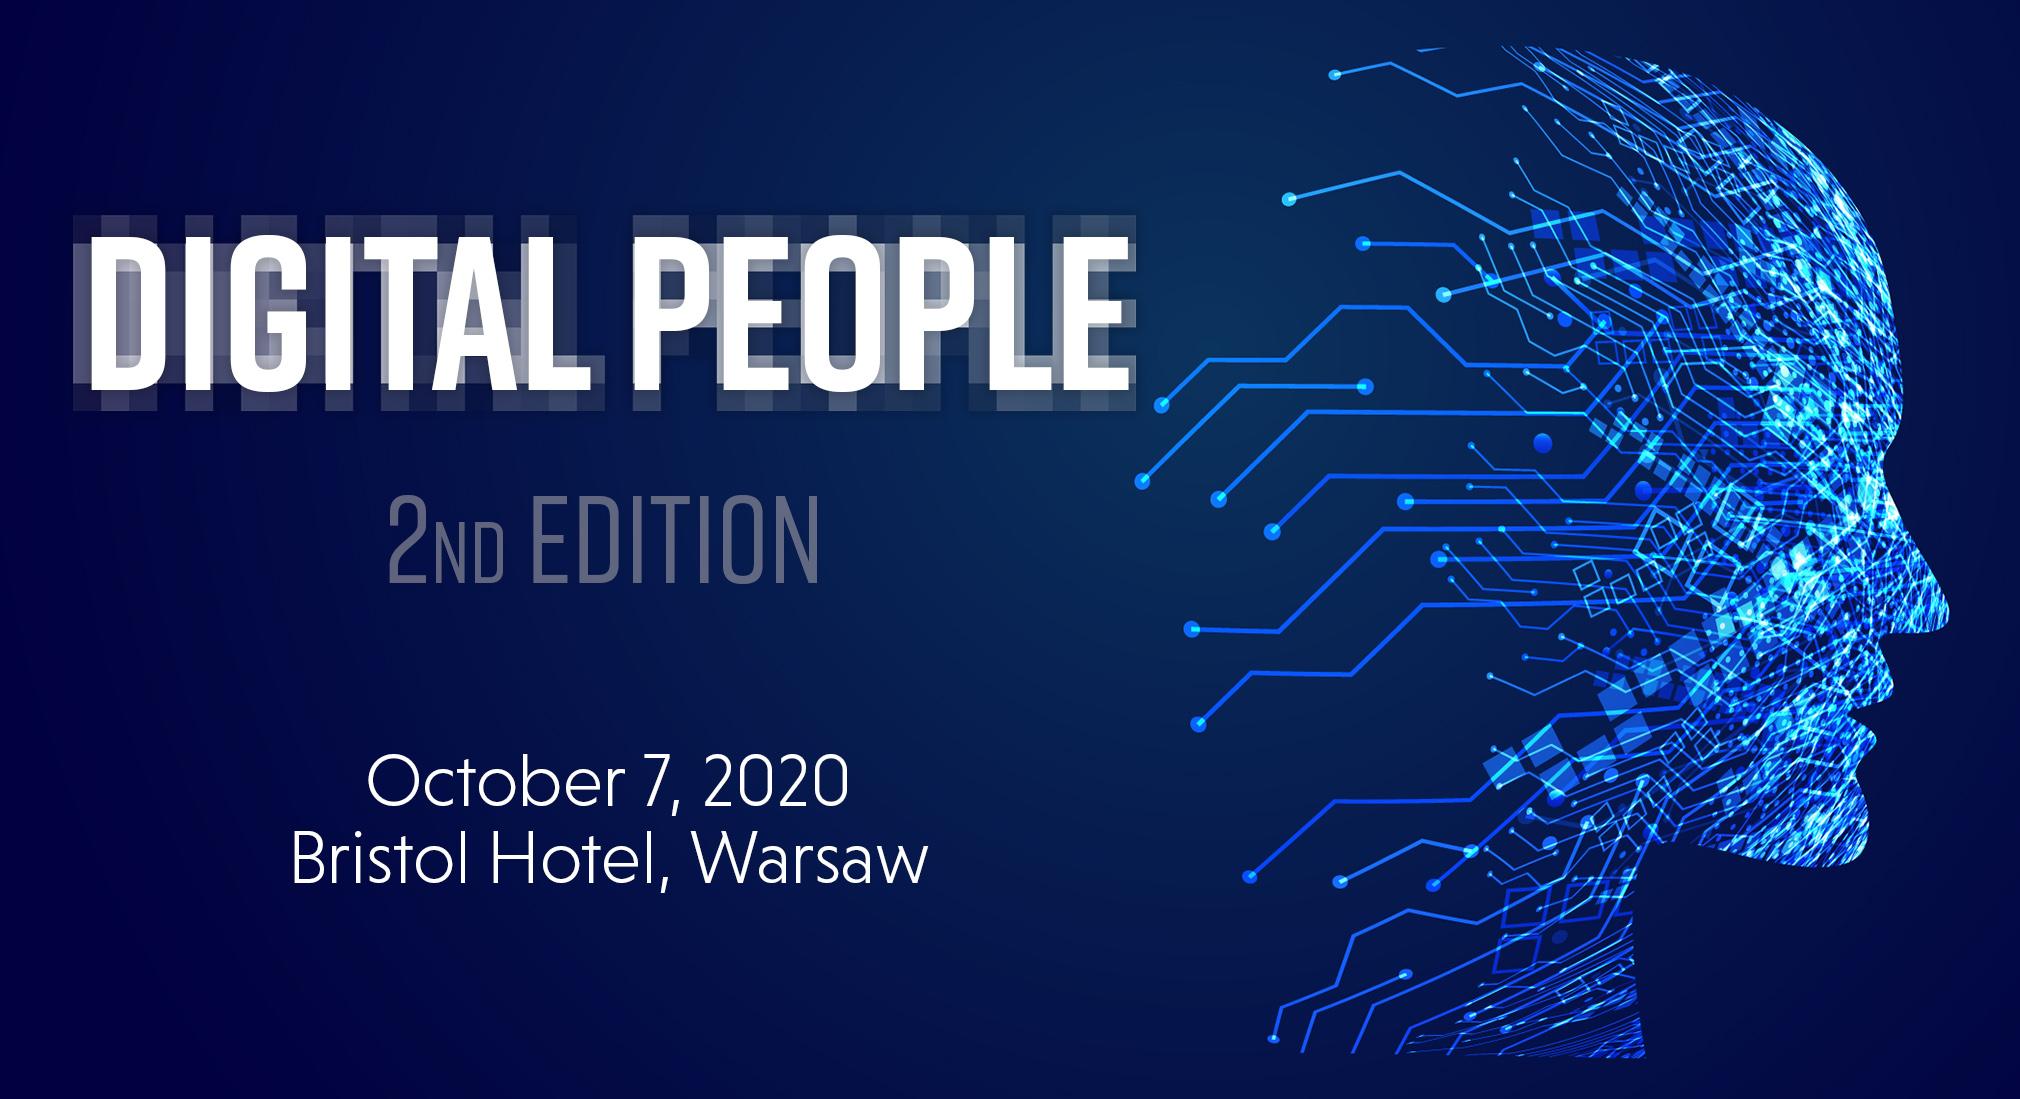 Digital People baner EN